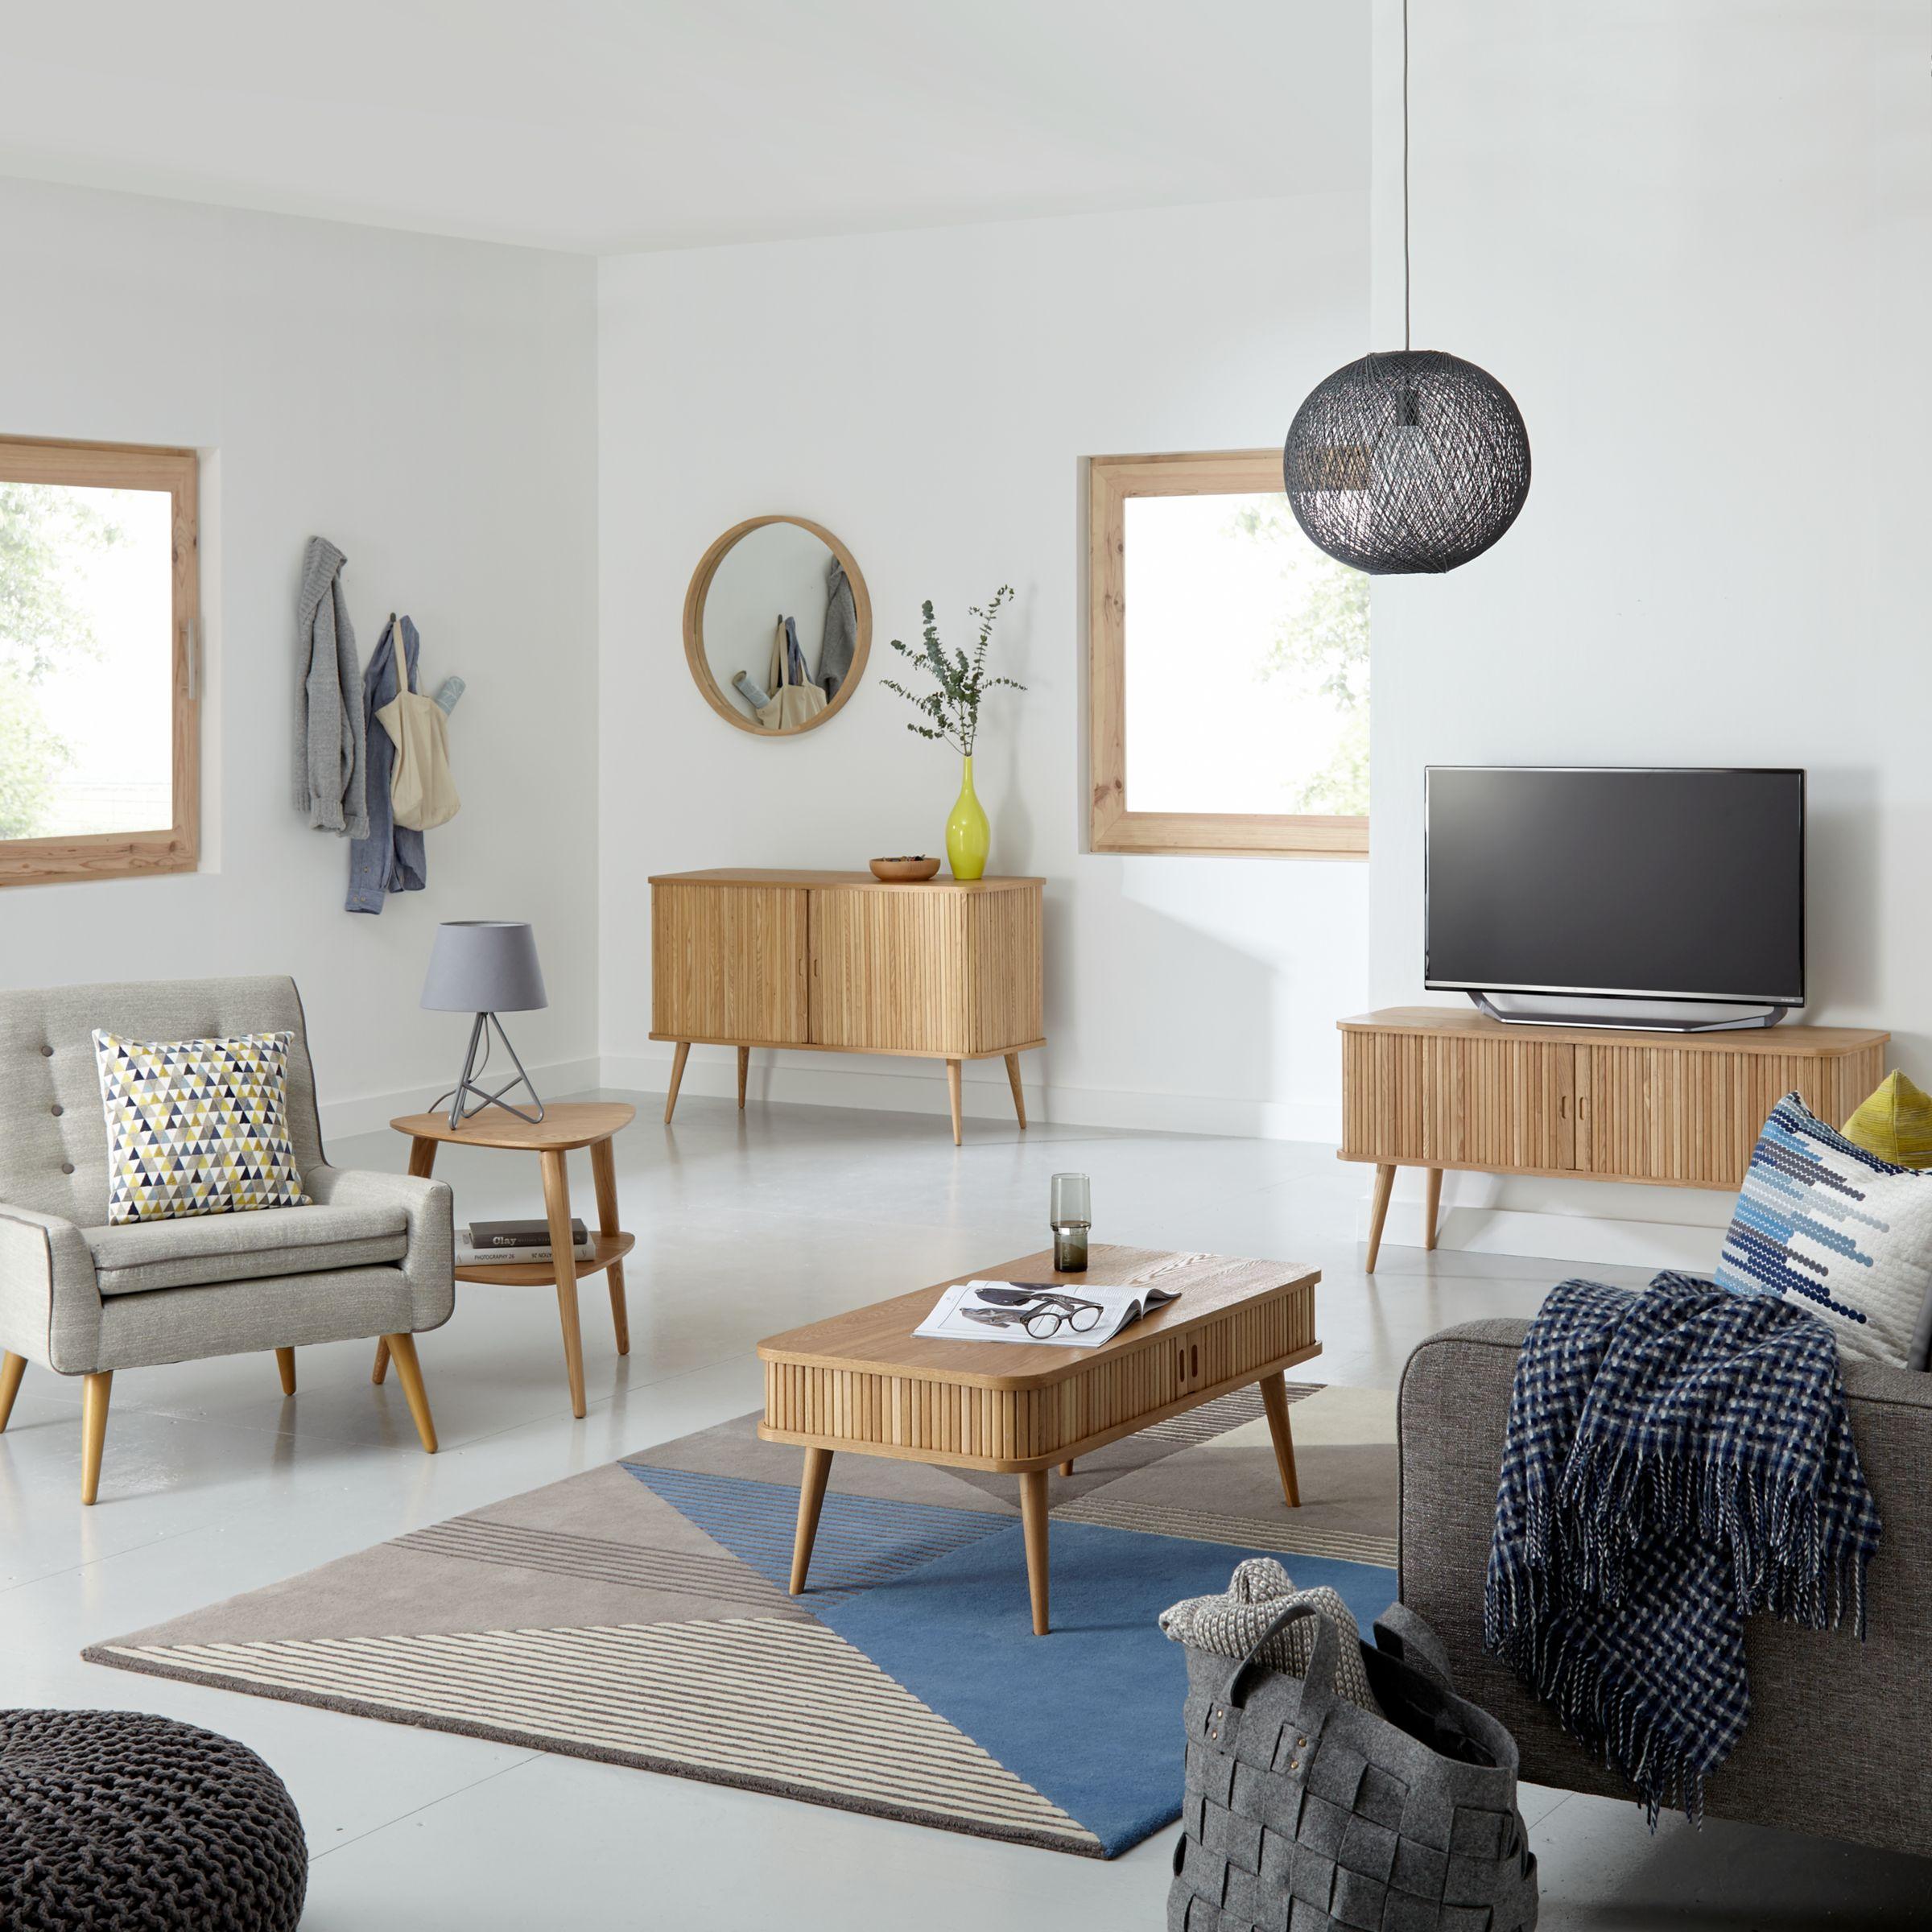 Buy John Lewis Grayson Living Room Furniture Range John Lewis